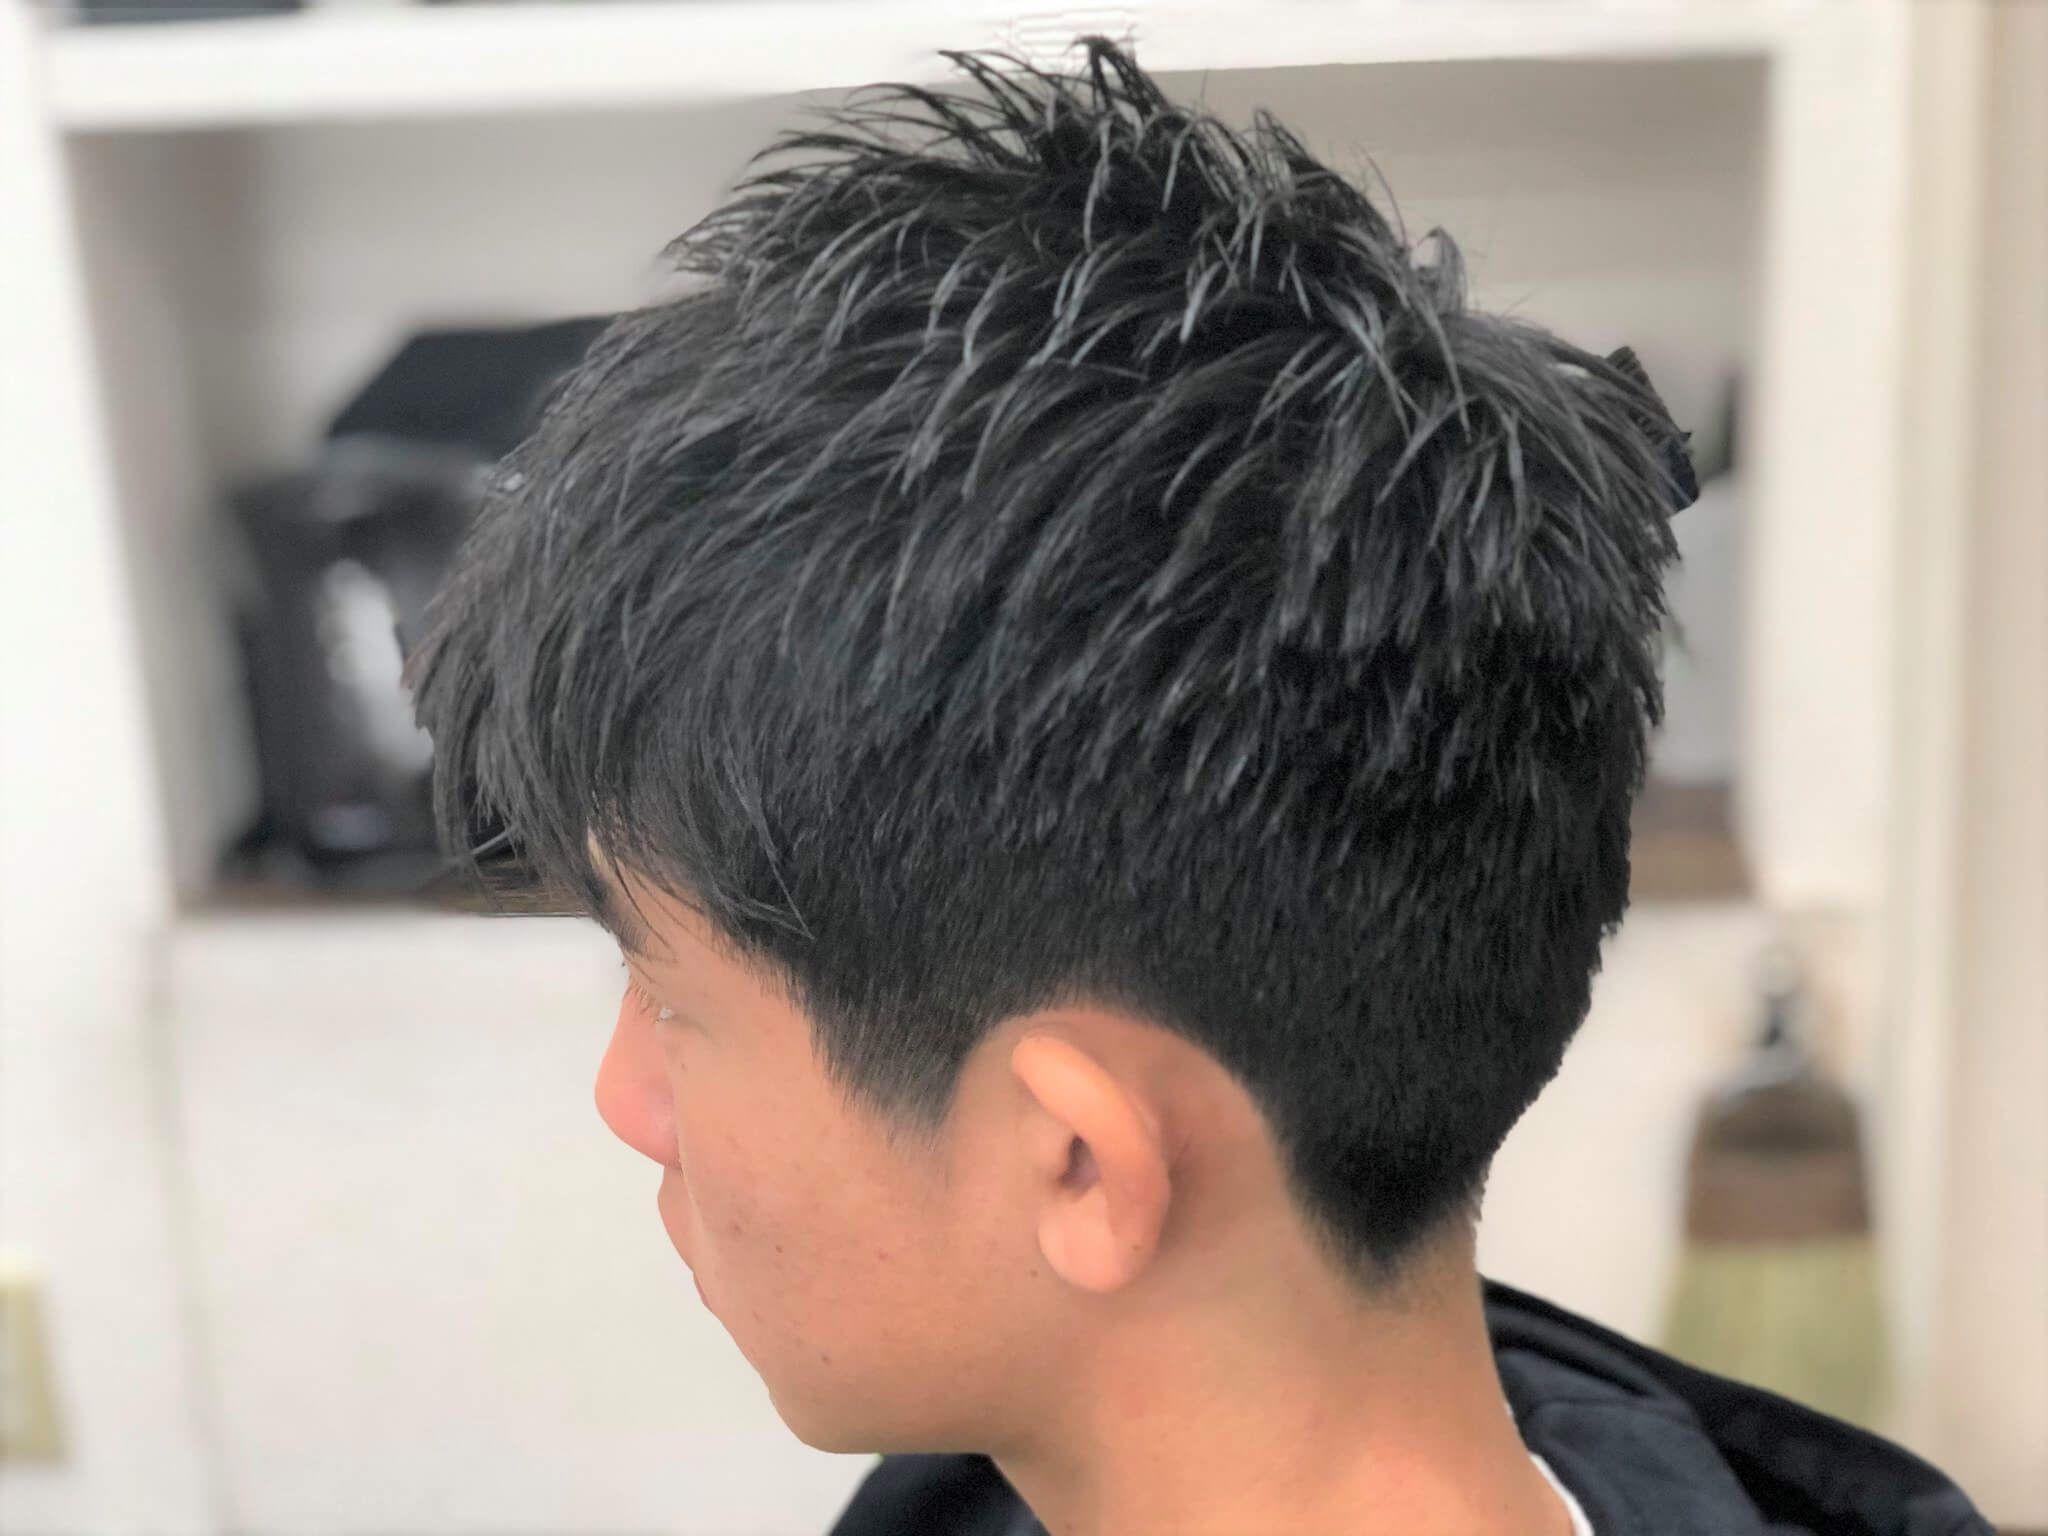 男子中学生に人気の髪型はこれ 女子受けの良いおしゃれヘアスタイル